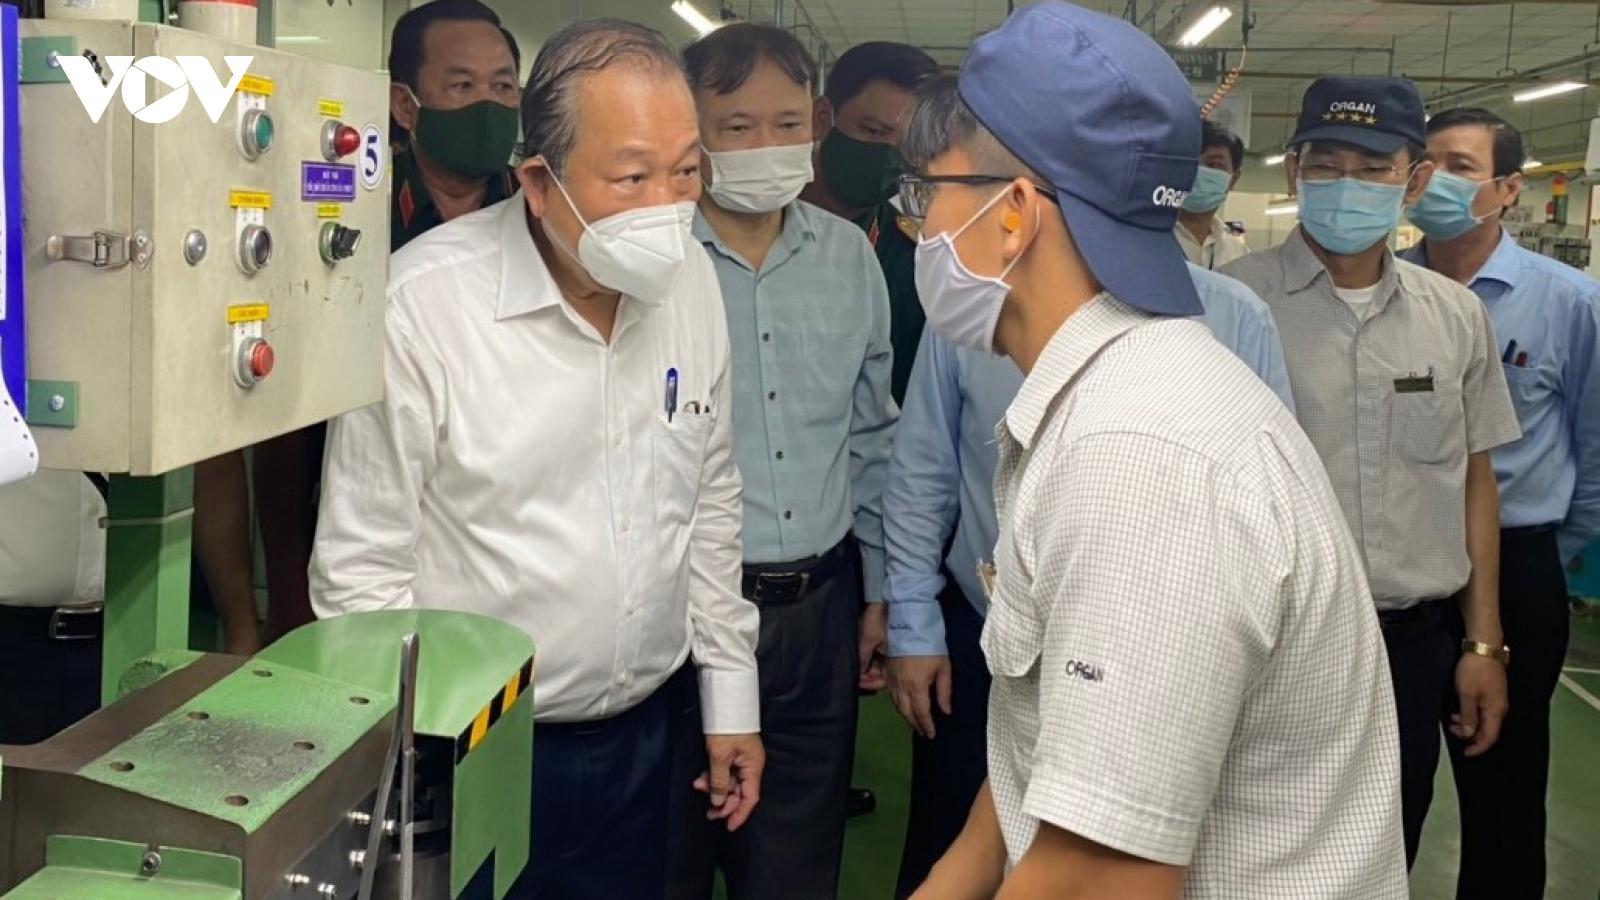 Phó Thủ tướng Trương Hòa Bình: TP HCM cần đi trước, đẩy mạnh tiêm vaccine Covid-19